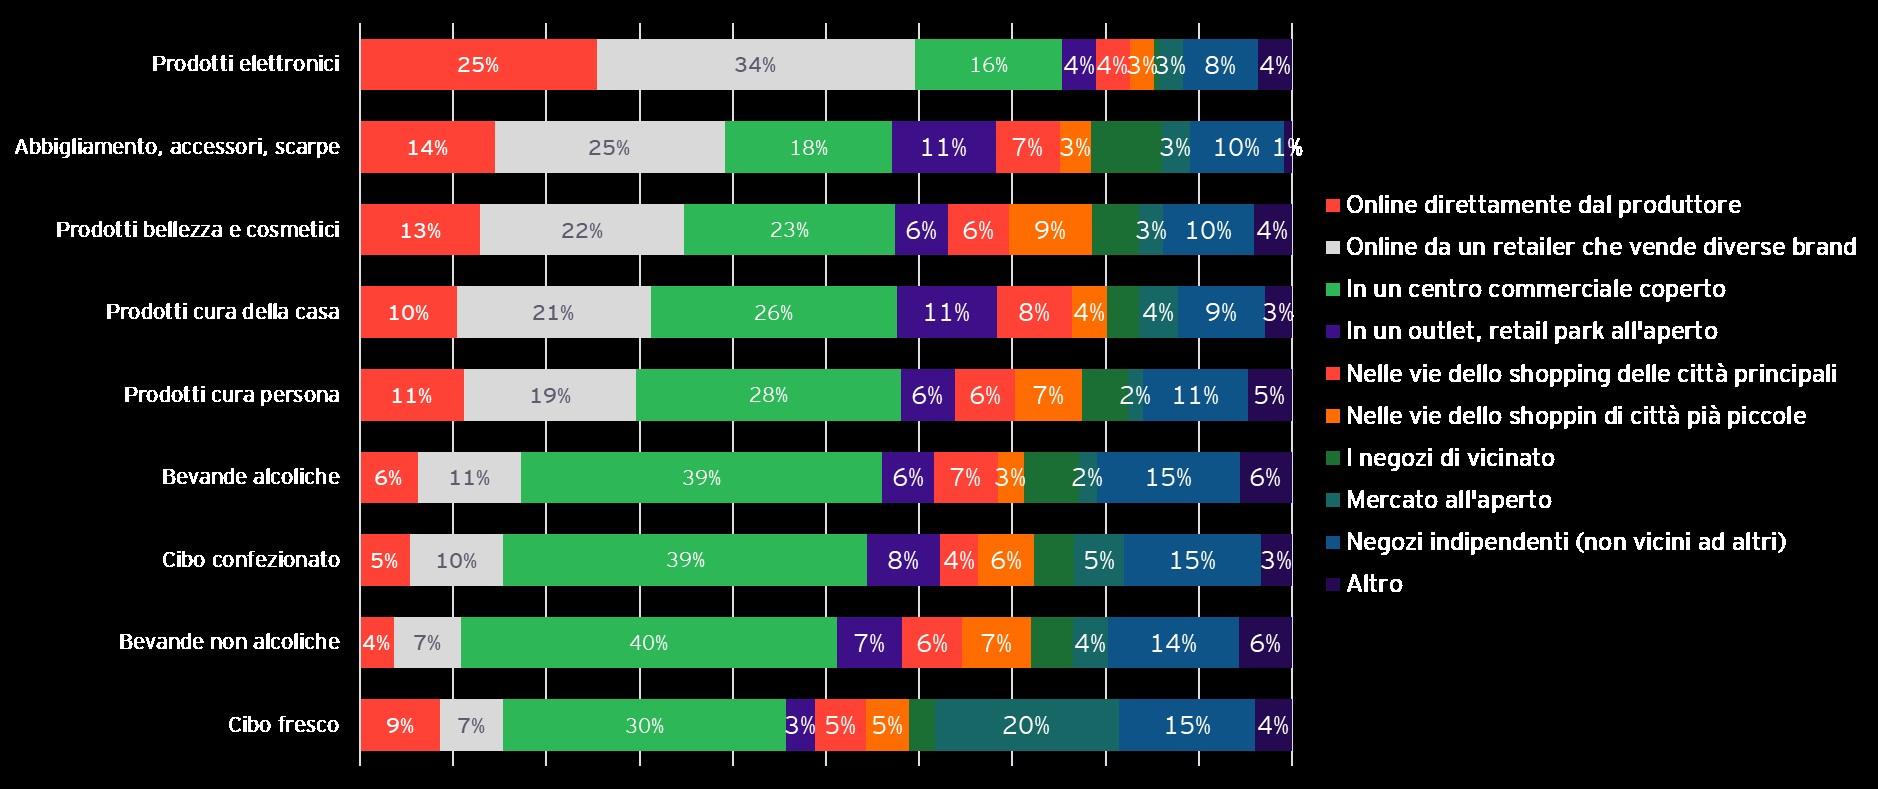 In Italia il 71% dei consumatori ha gi� cambiato le modalit� di acquisto e la tipologia di prodotti acquistati